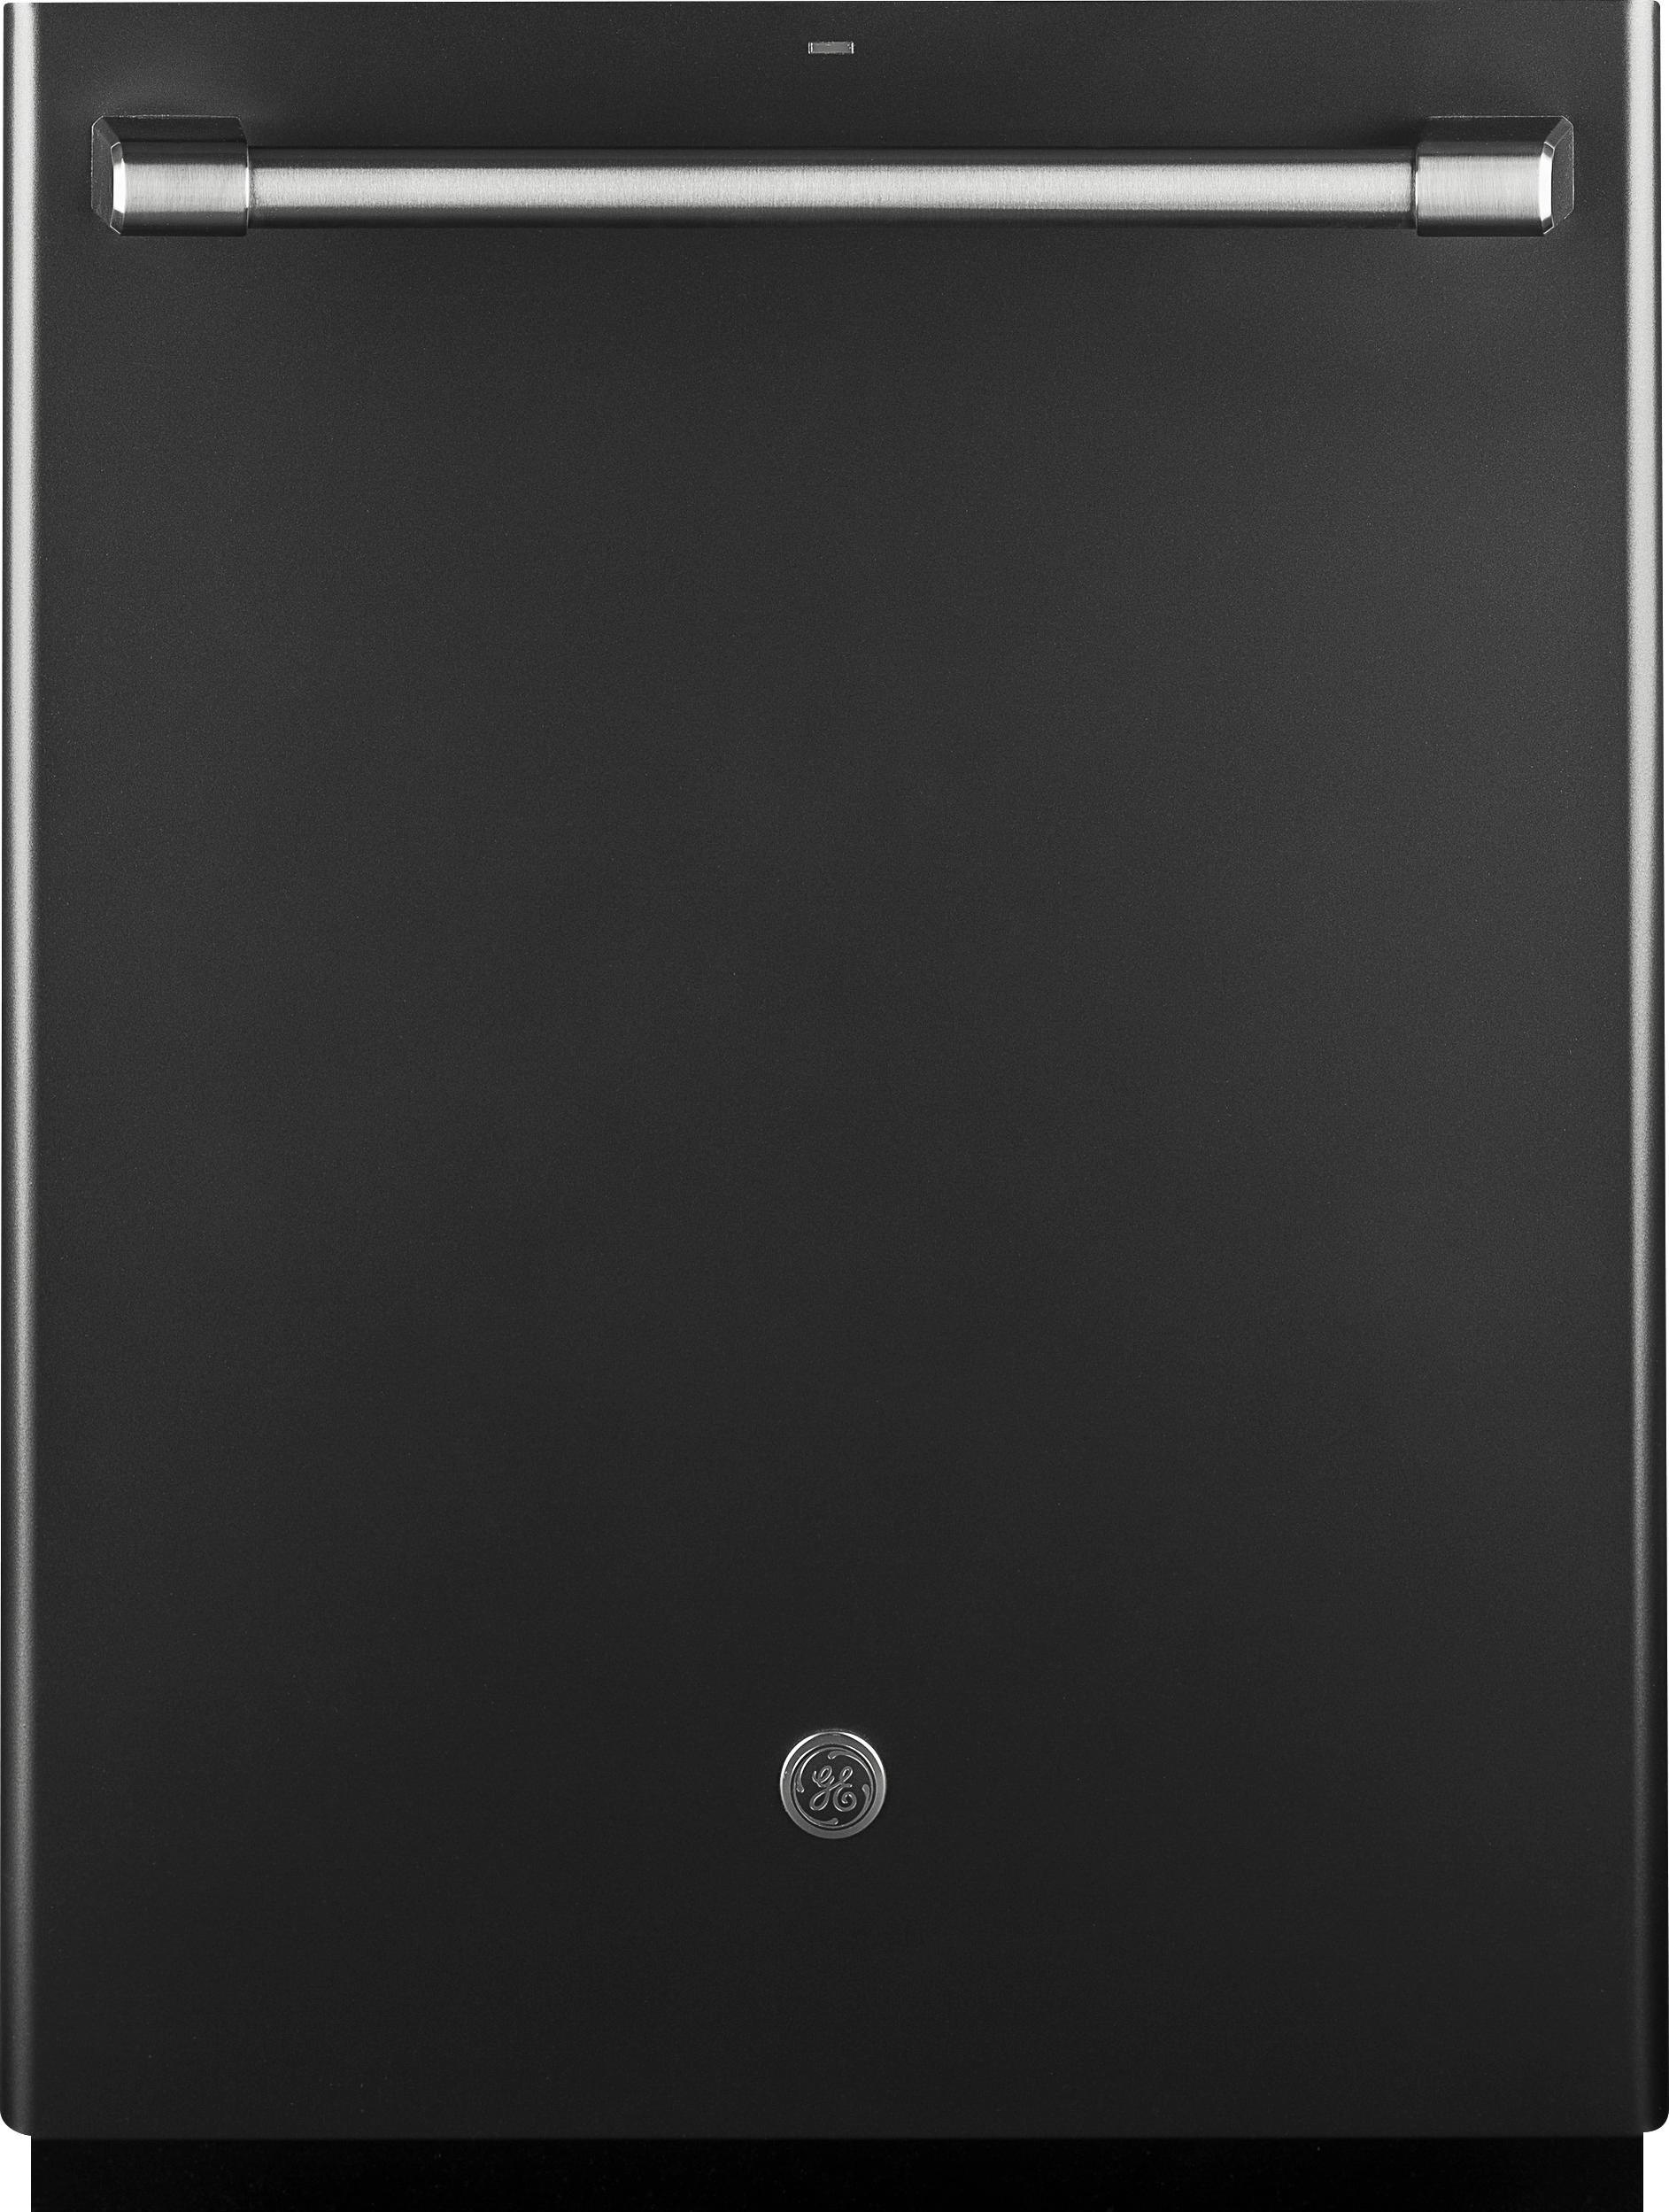 """GE Caf Series 24"""" Built-In Dishwasher Black slate CDT835SMJDS"""